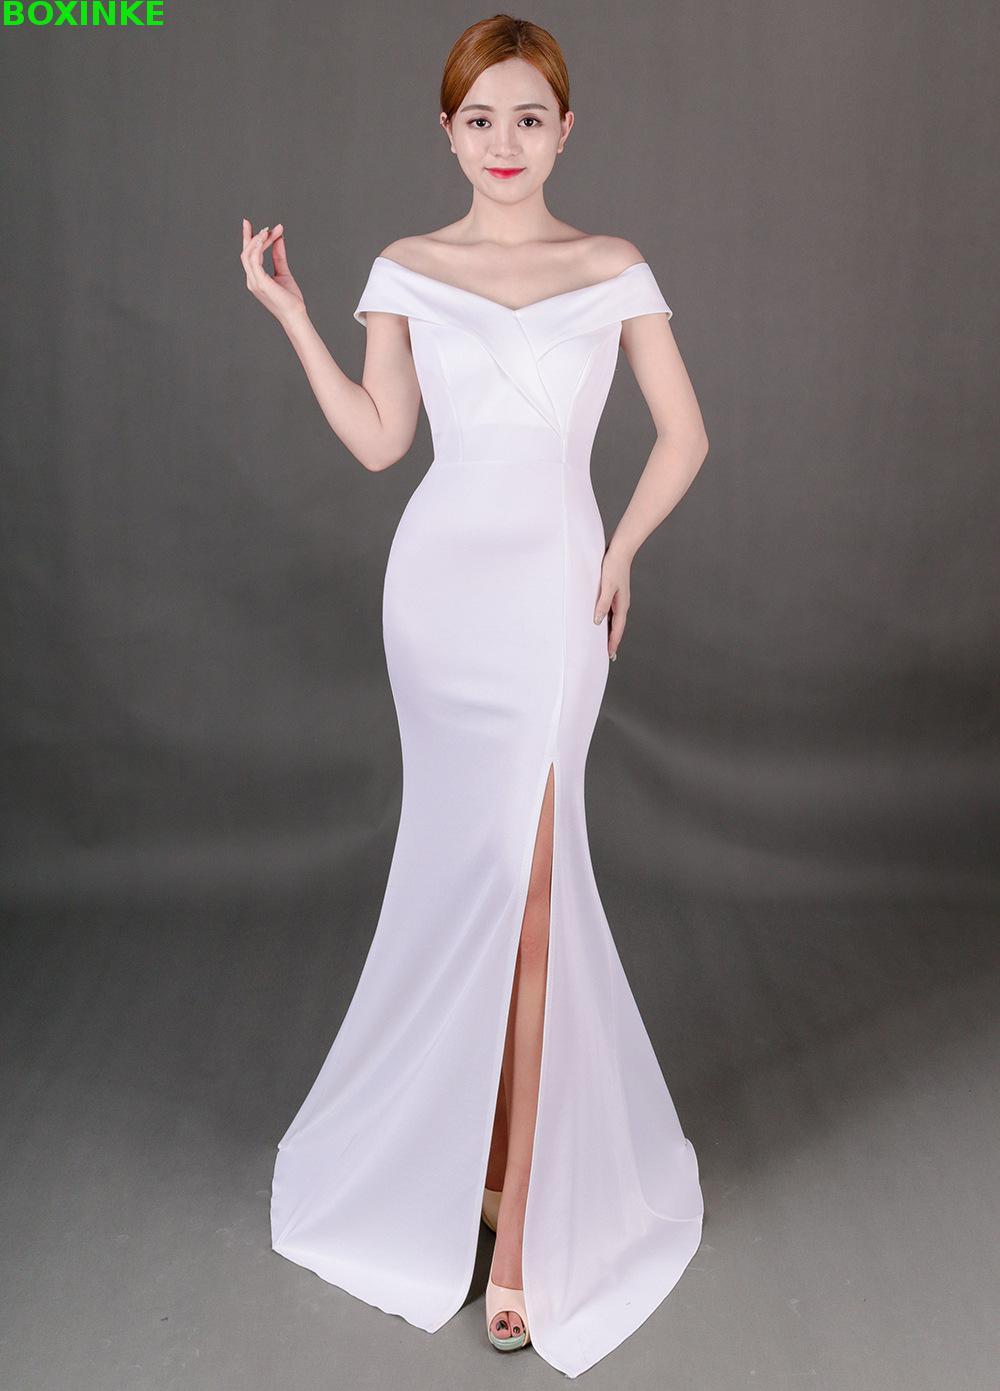 2019 Robe de grande taille Robe ruée solide Lanon nouvelle élégance et Style Long, un col mot pour la nuit sensuelle de Compere Party